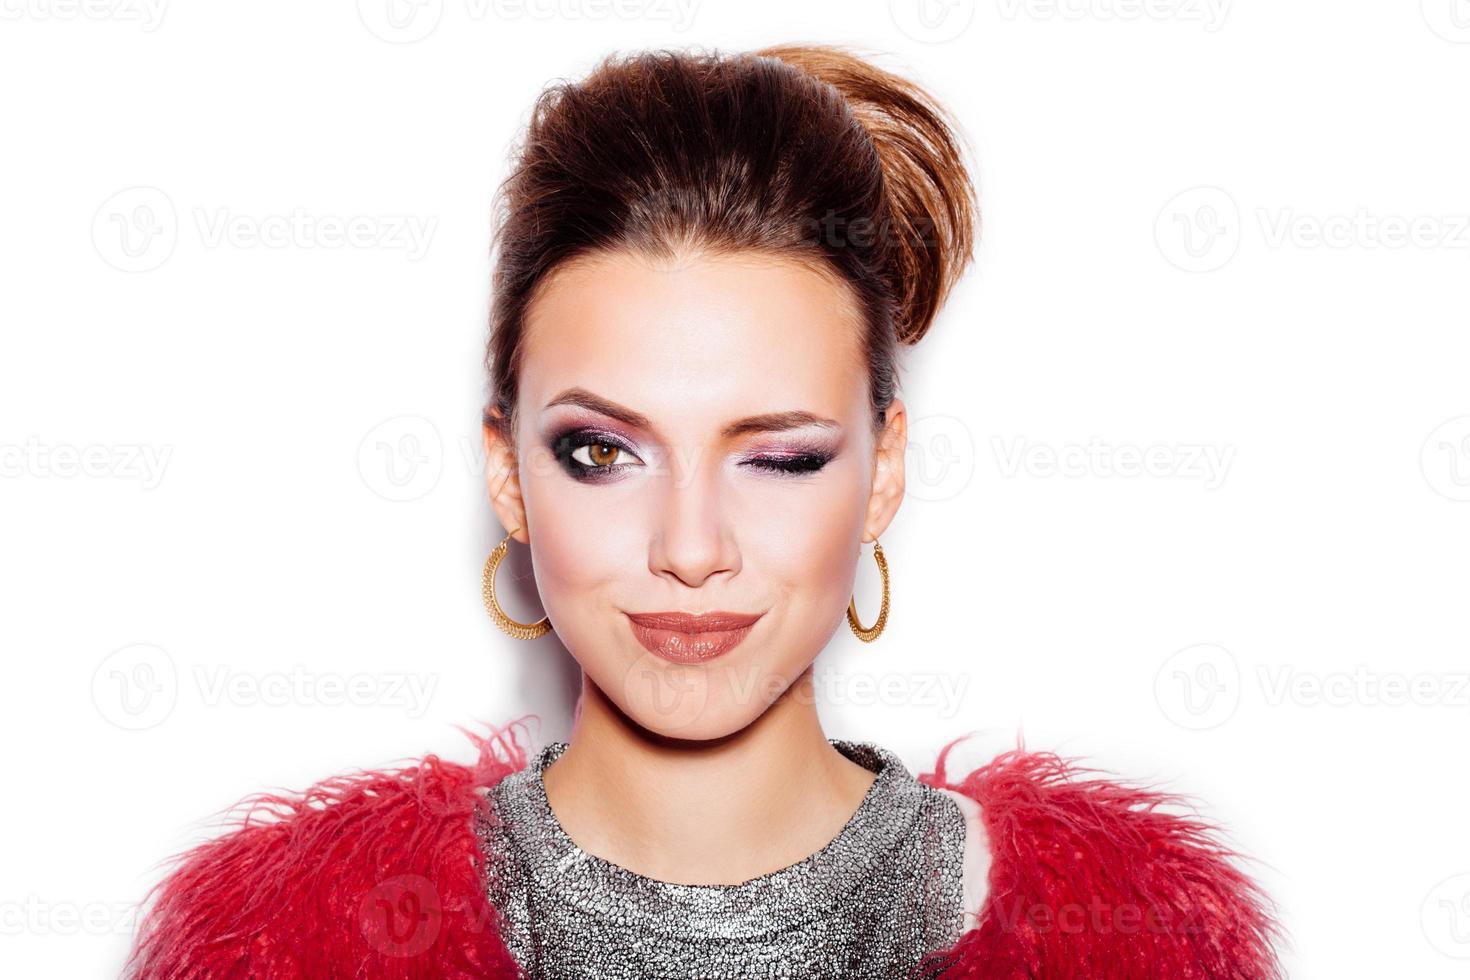 Mode Schönheit Frau Porträt. stilvoller Haarschnitt und Make-up foto